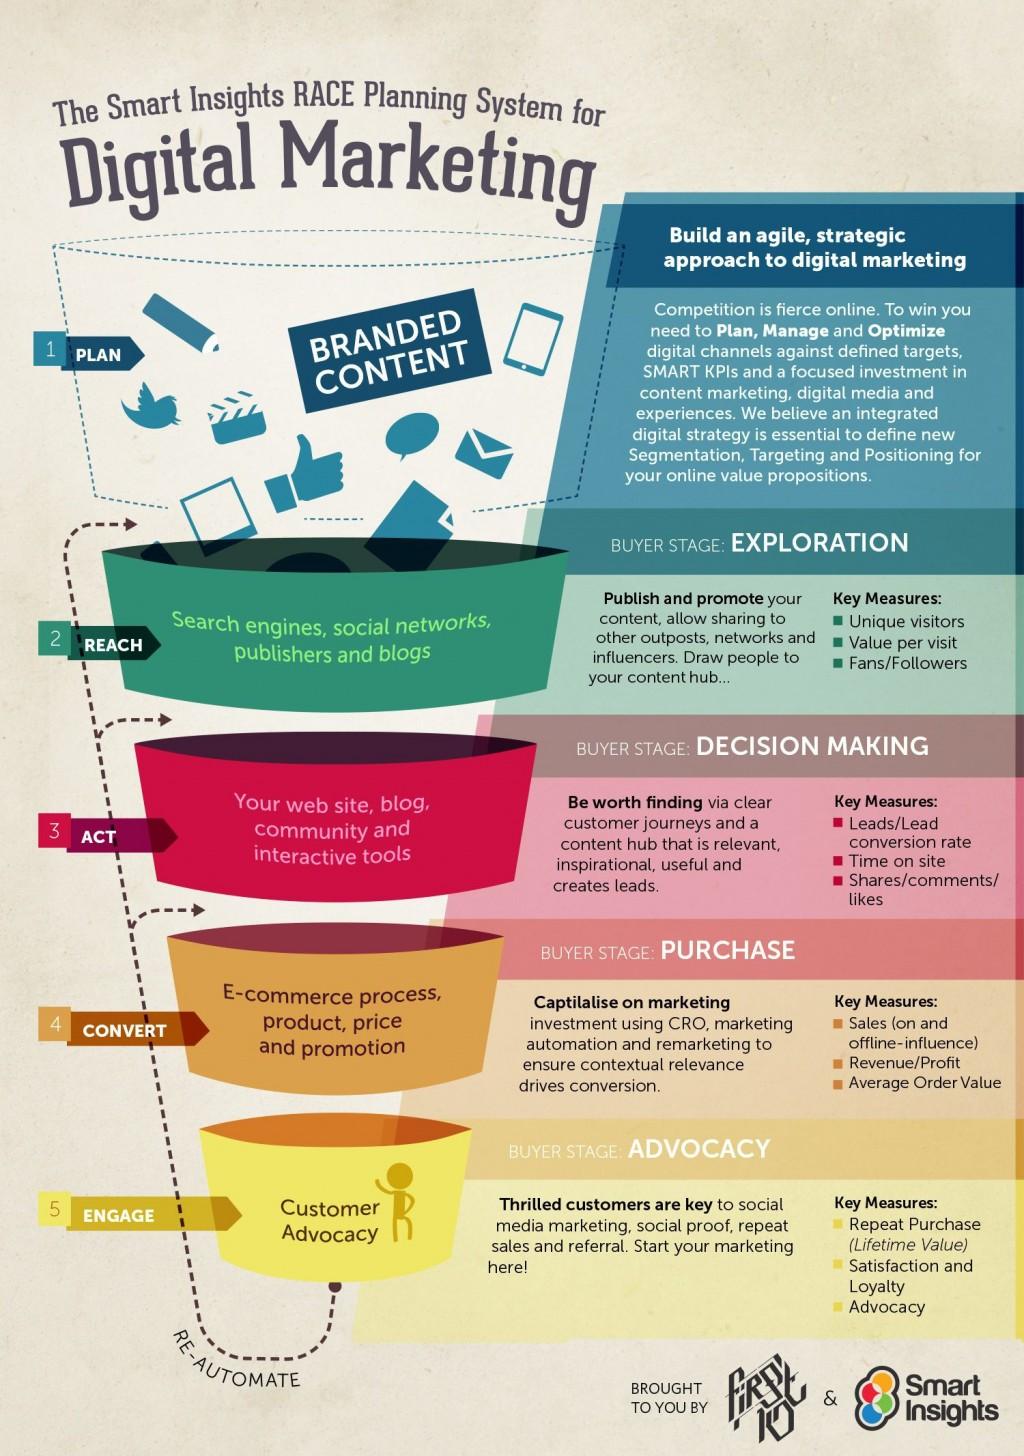 006 Marvelou Digital Marketing Busines Plan Sample High Definition  TemplateLarge